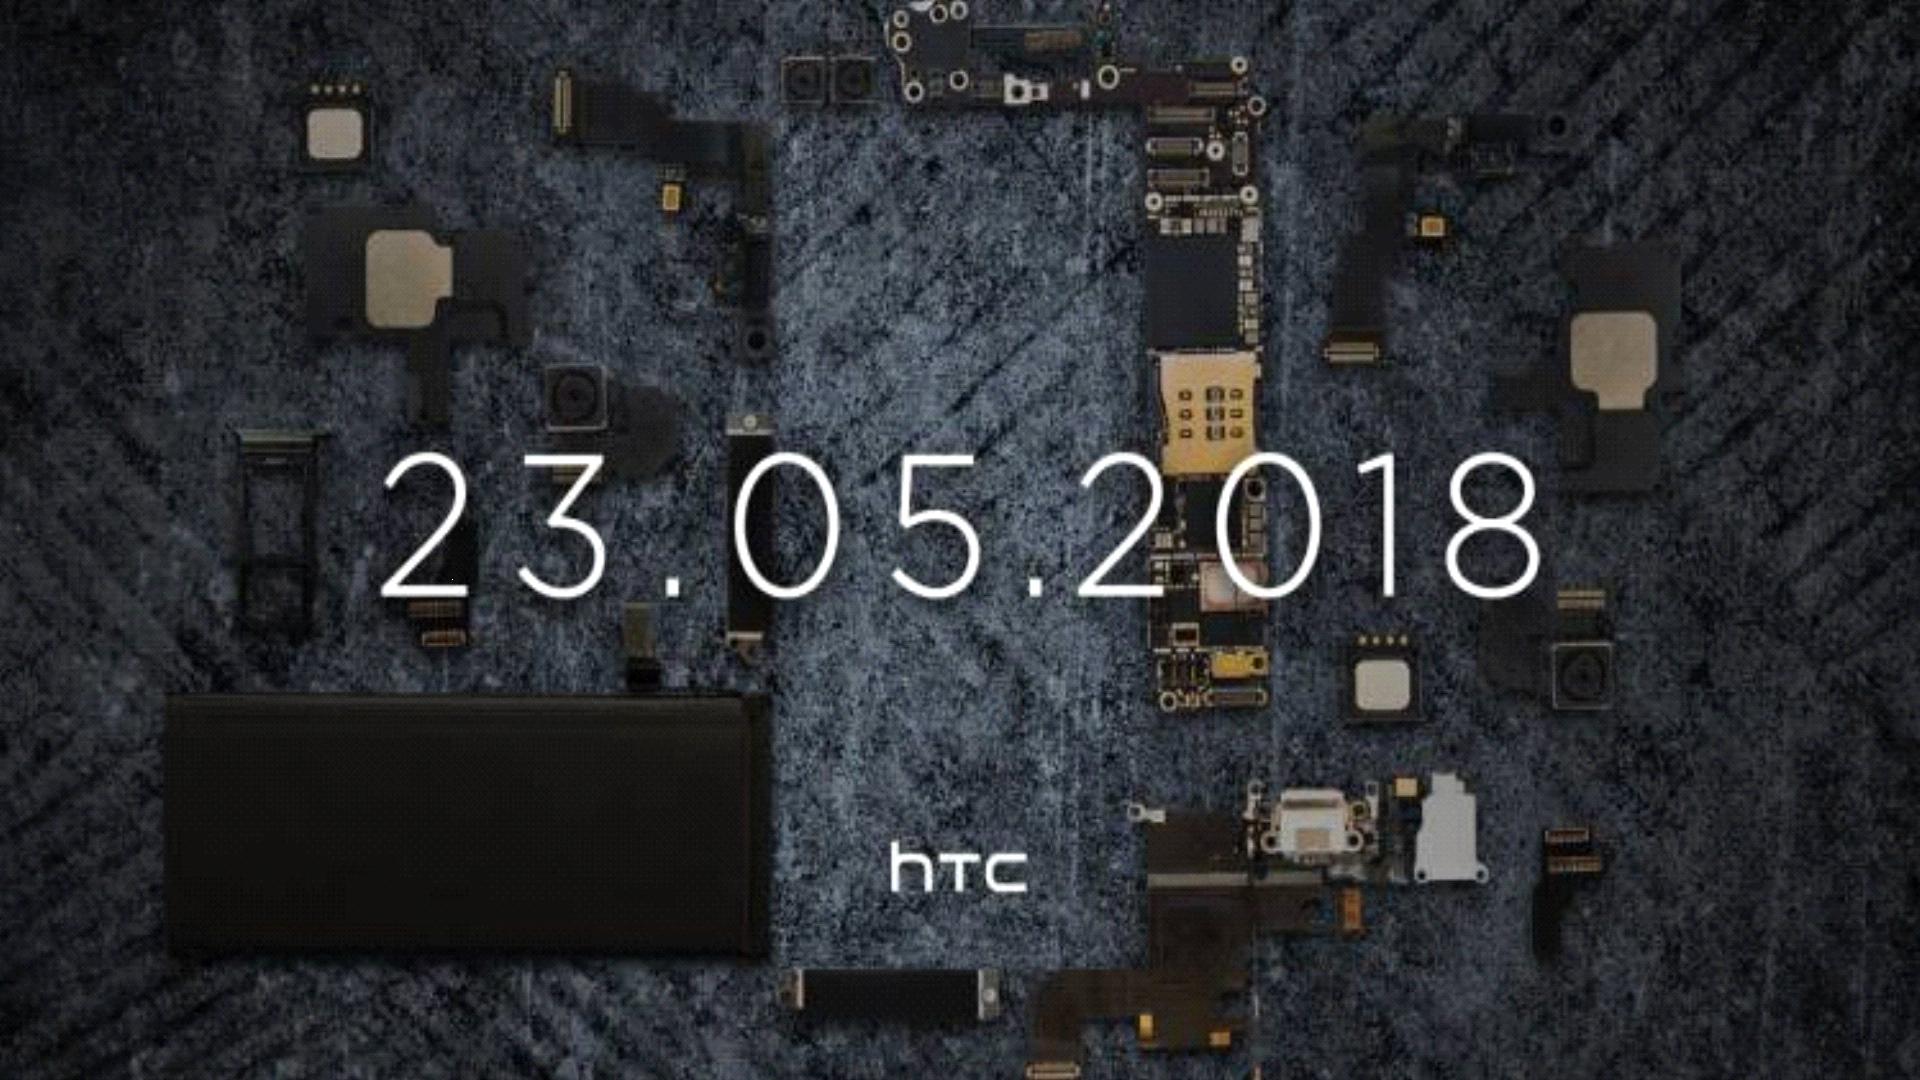 Рис. №2. 23 мая HTC запрезентует свой новый флагманский смартфон